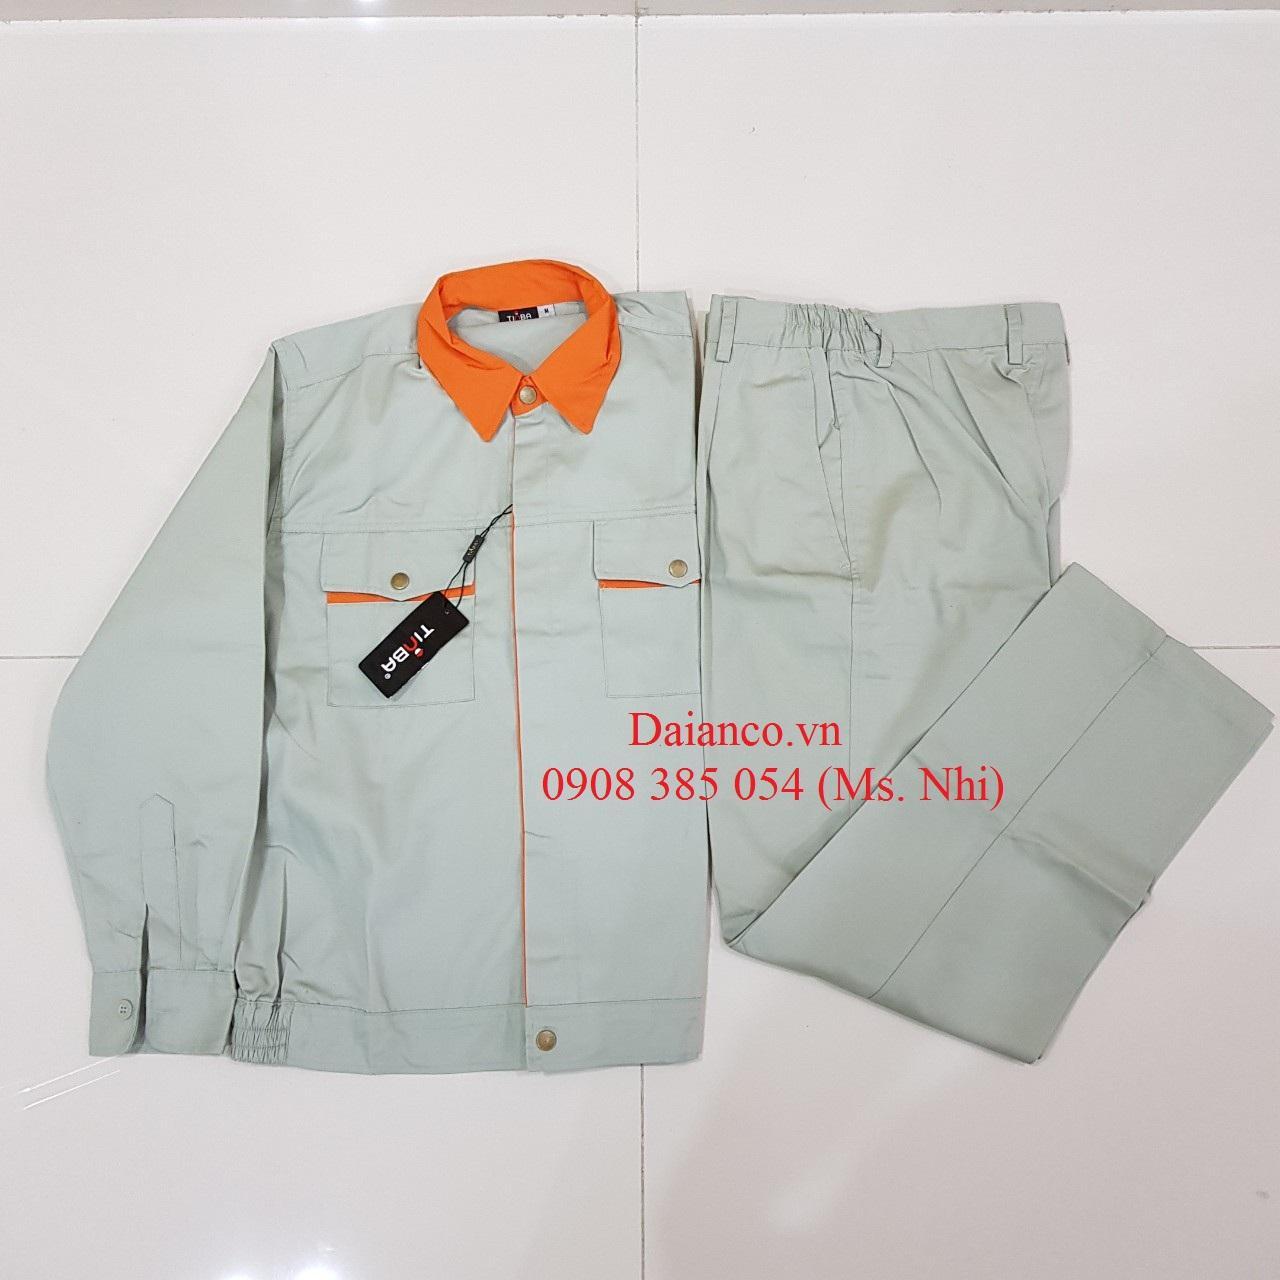 [HCM] [Tinba 04]SALE OFF Quần áo vải pangrim Hàn Quốc mẫu Tinba 04- Hình thật, có sẵn